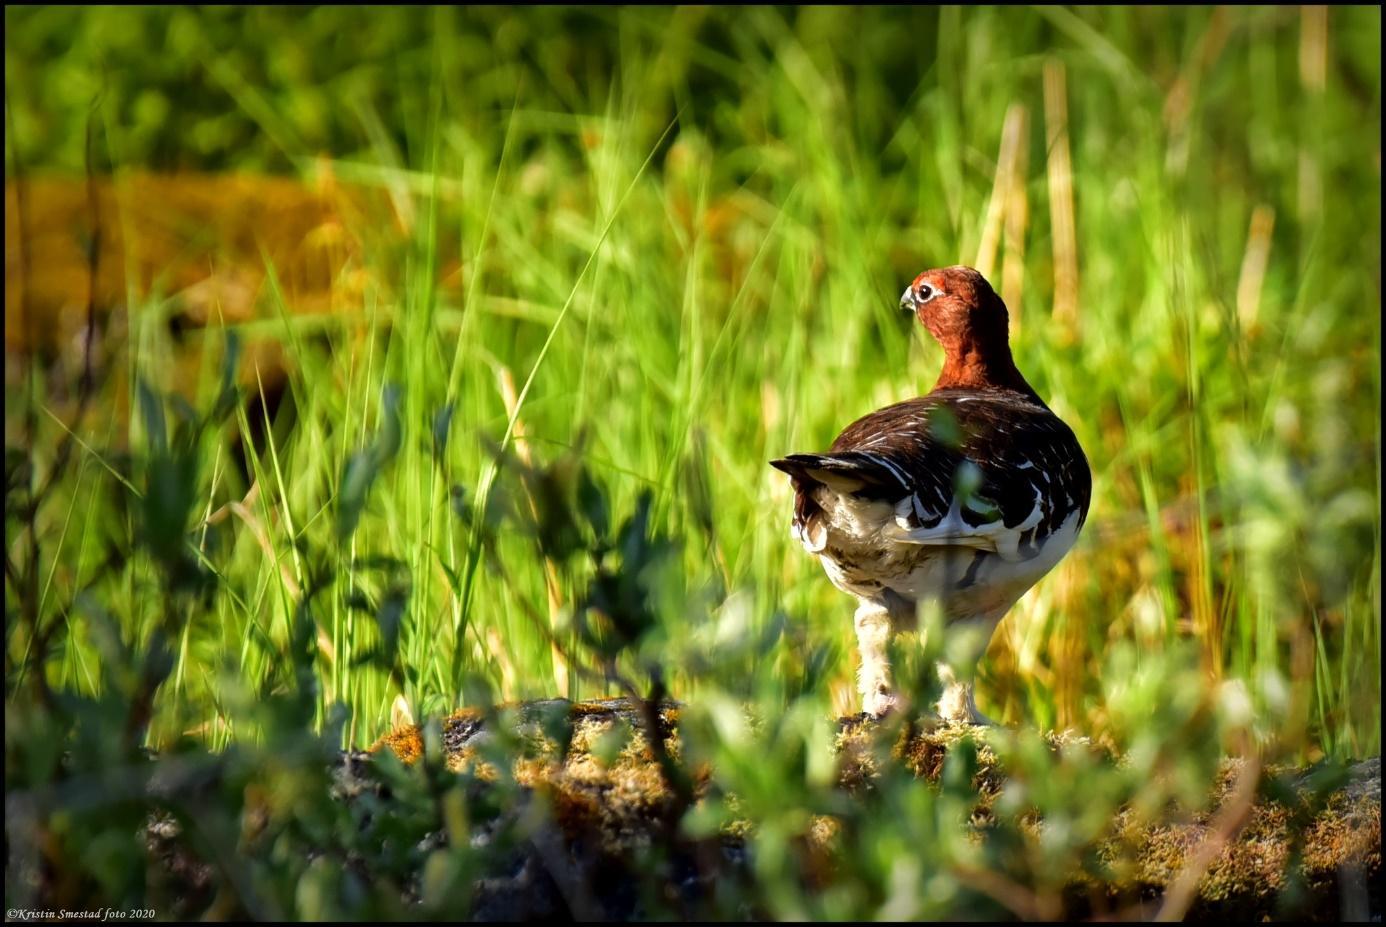 Et bilde som inneholder gress, utendørs, fugl, dyr  Automatisk generert beskrivelse